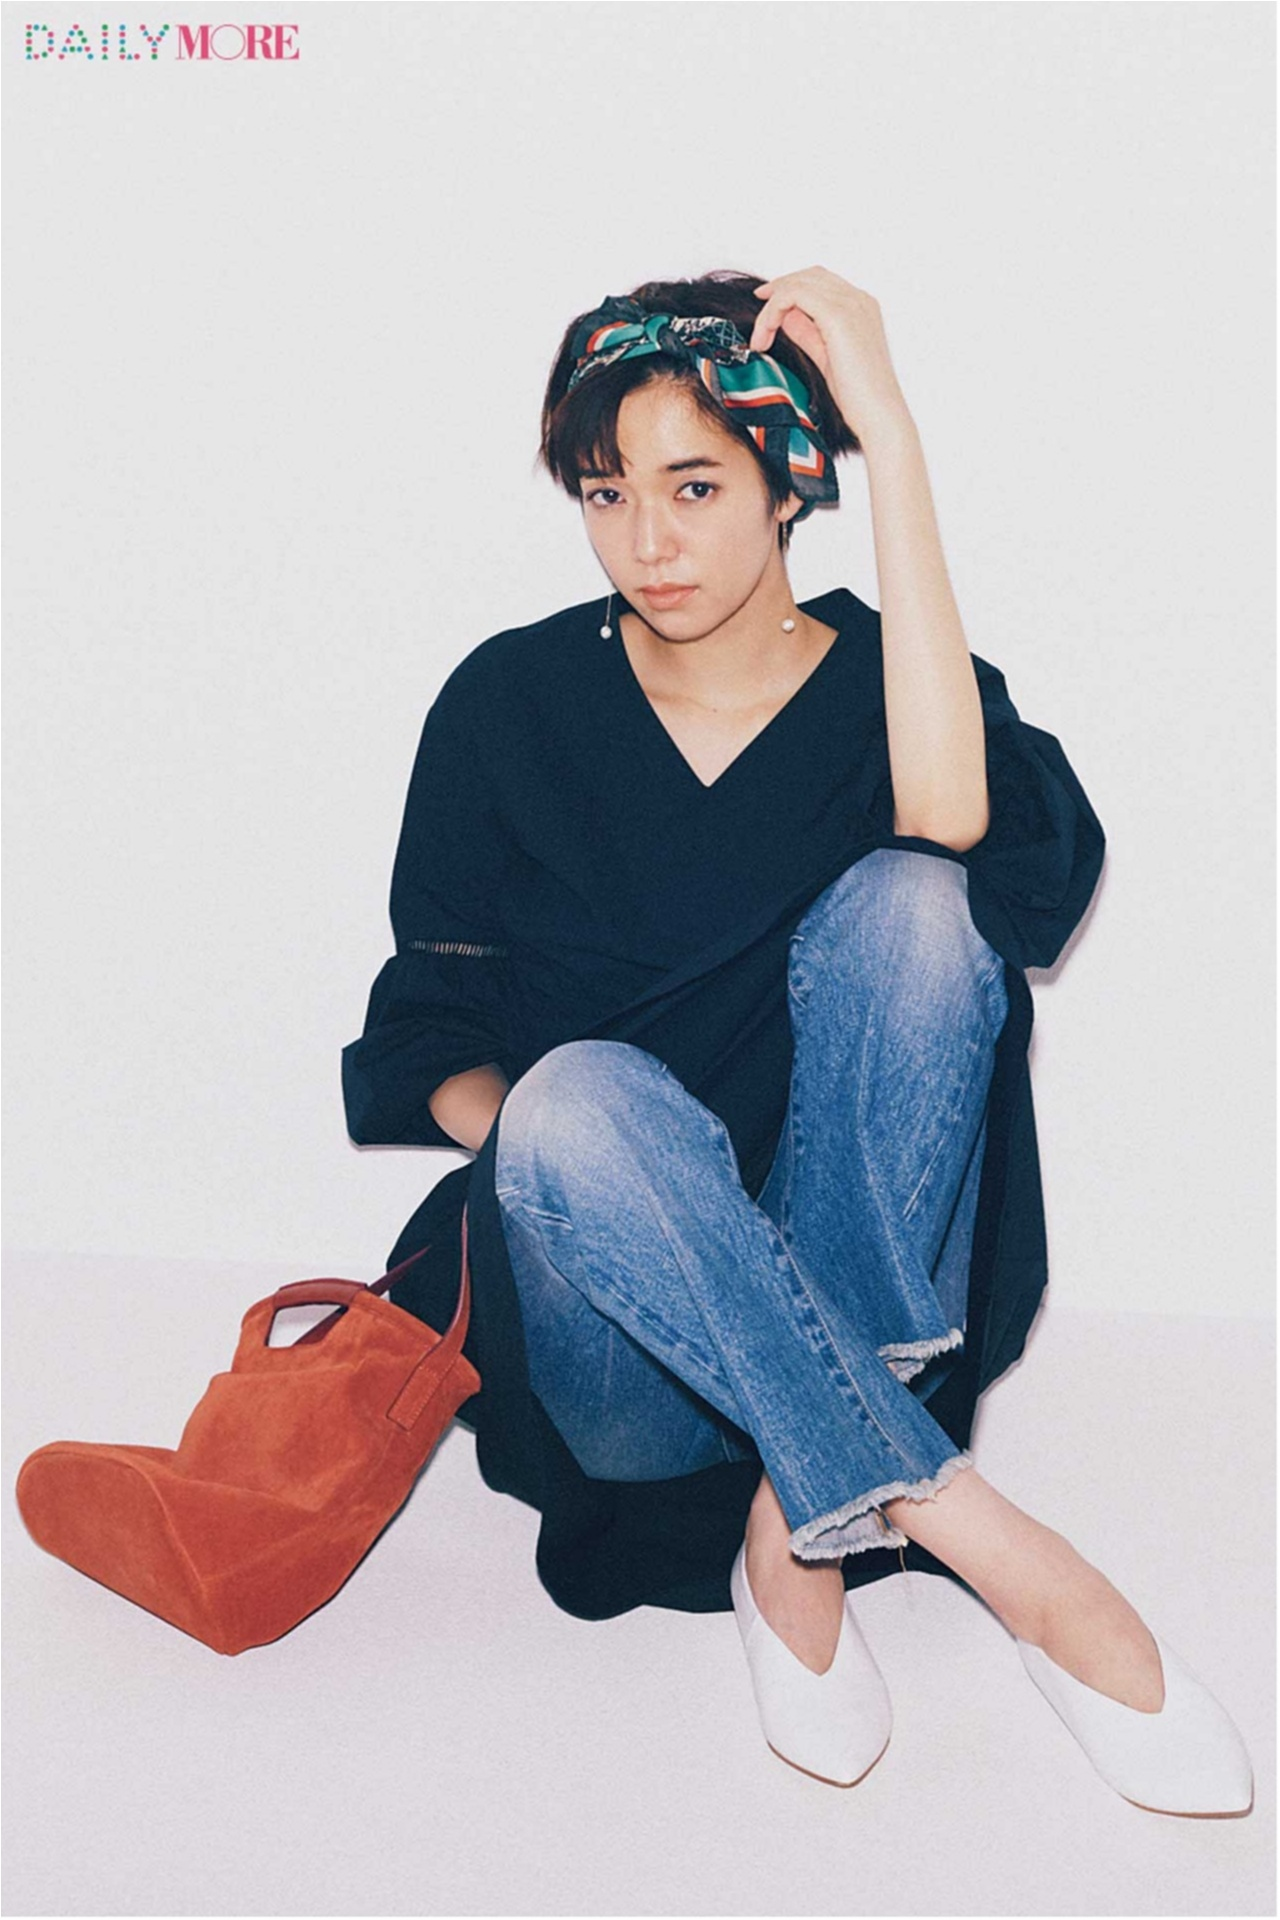 「スタイリスト辻村さんのオススメバッグ」「カンカン帽」「白のさし色」など、もっとおしゃれになれるアイデア記事がヒット☆ 今週のファッション人気ランキングトップ3!_1_1